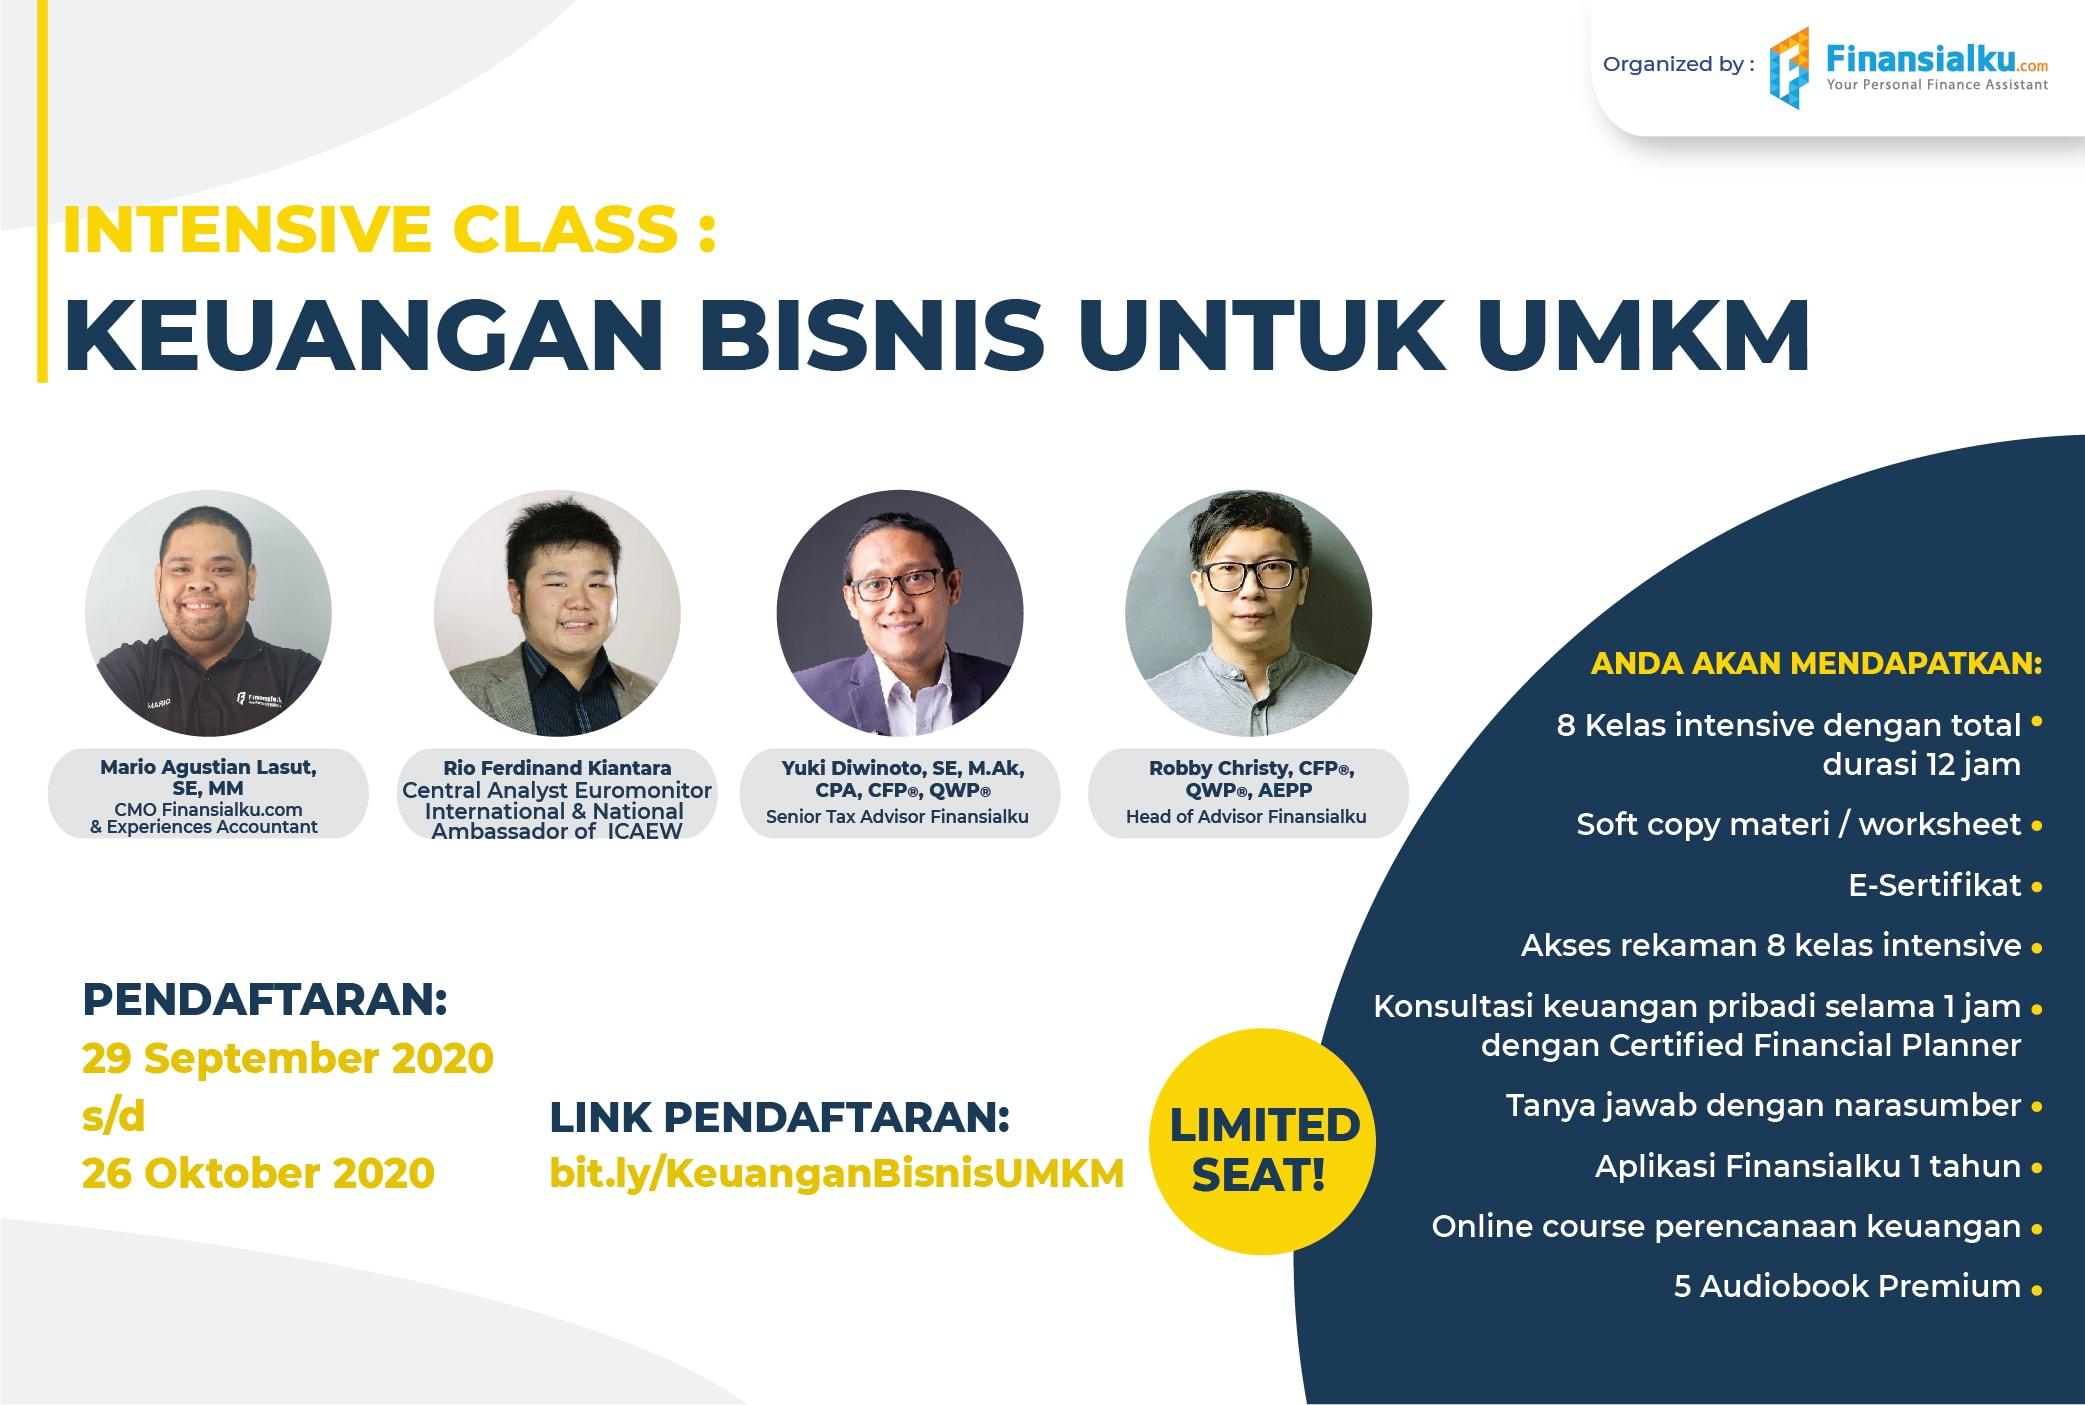 Intensive Class: Keuangan Bisnis Untuk UMKM